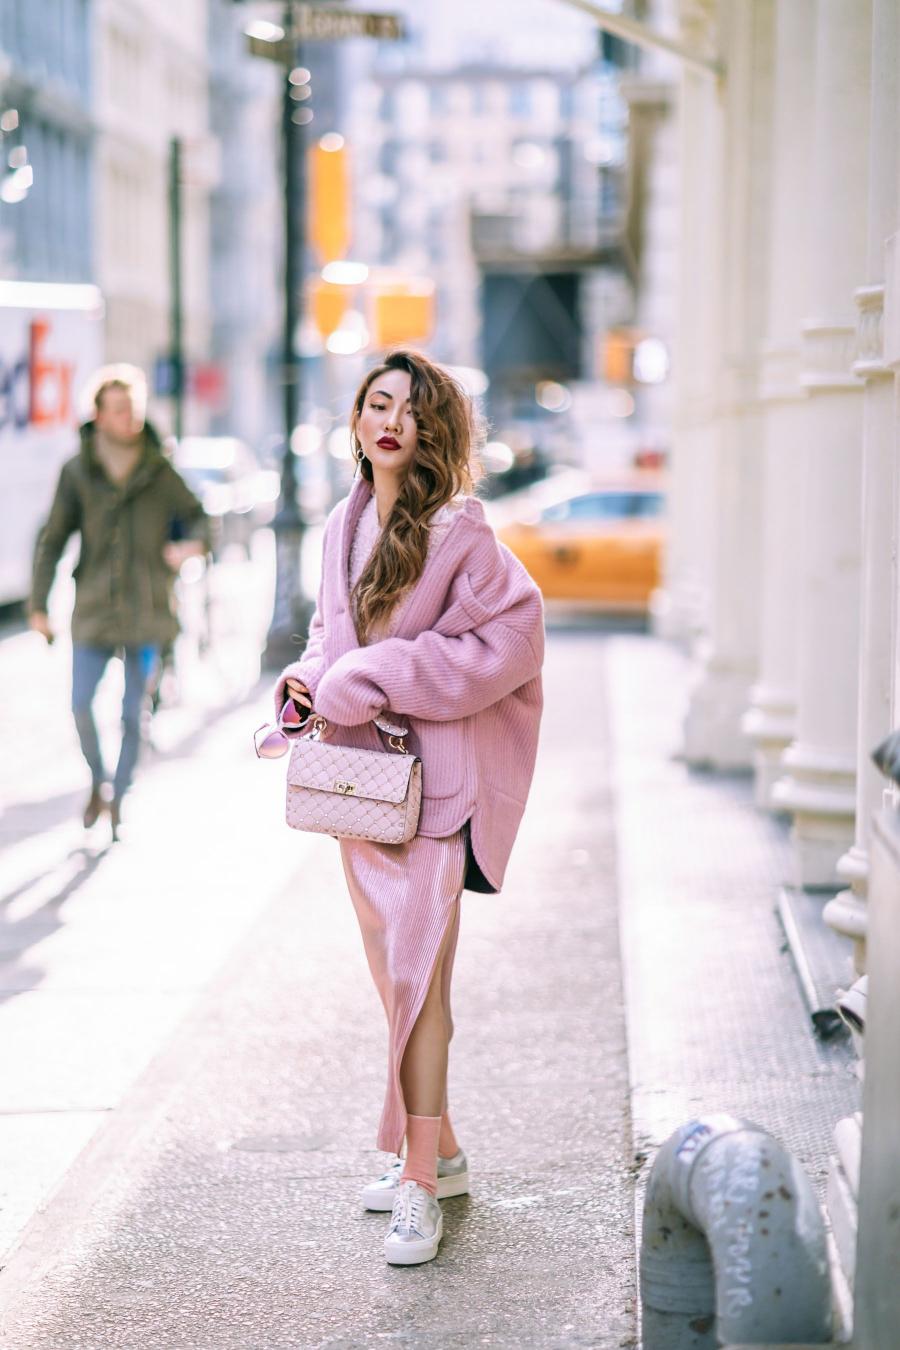 Cô nàng này lại trông nữ tính và rất thời trang khi phối nhiều loại chất liệu khác nhau, giúp tổng thể bộ trang phục trở nên lôi cuốn và ấn tượng.